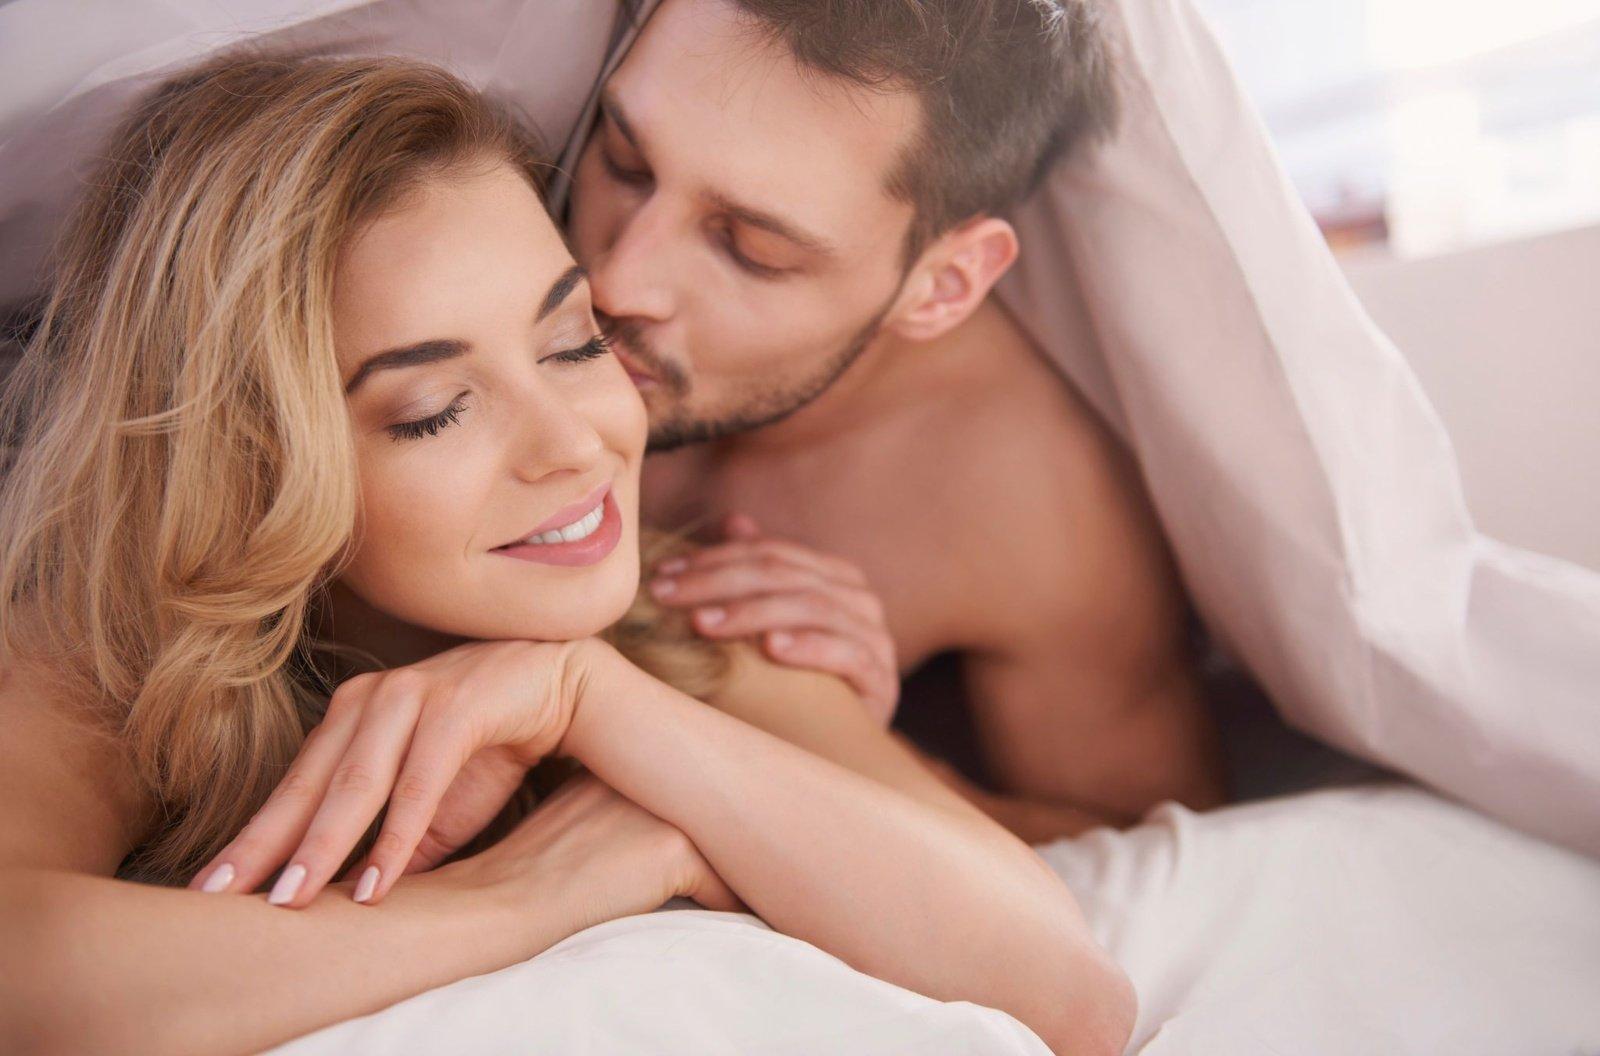 8 dalykai, kurių moterys trokšta lovoje: svarbu žinoti kiekvienam vyrui